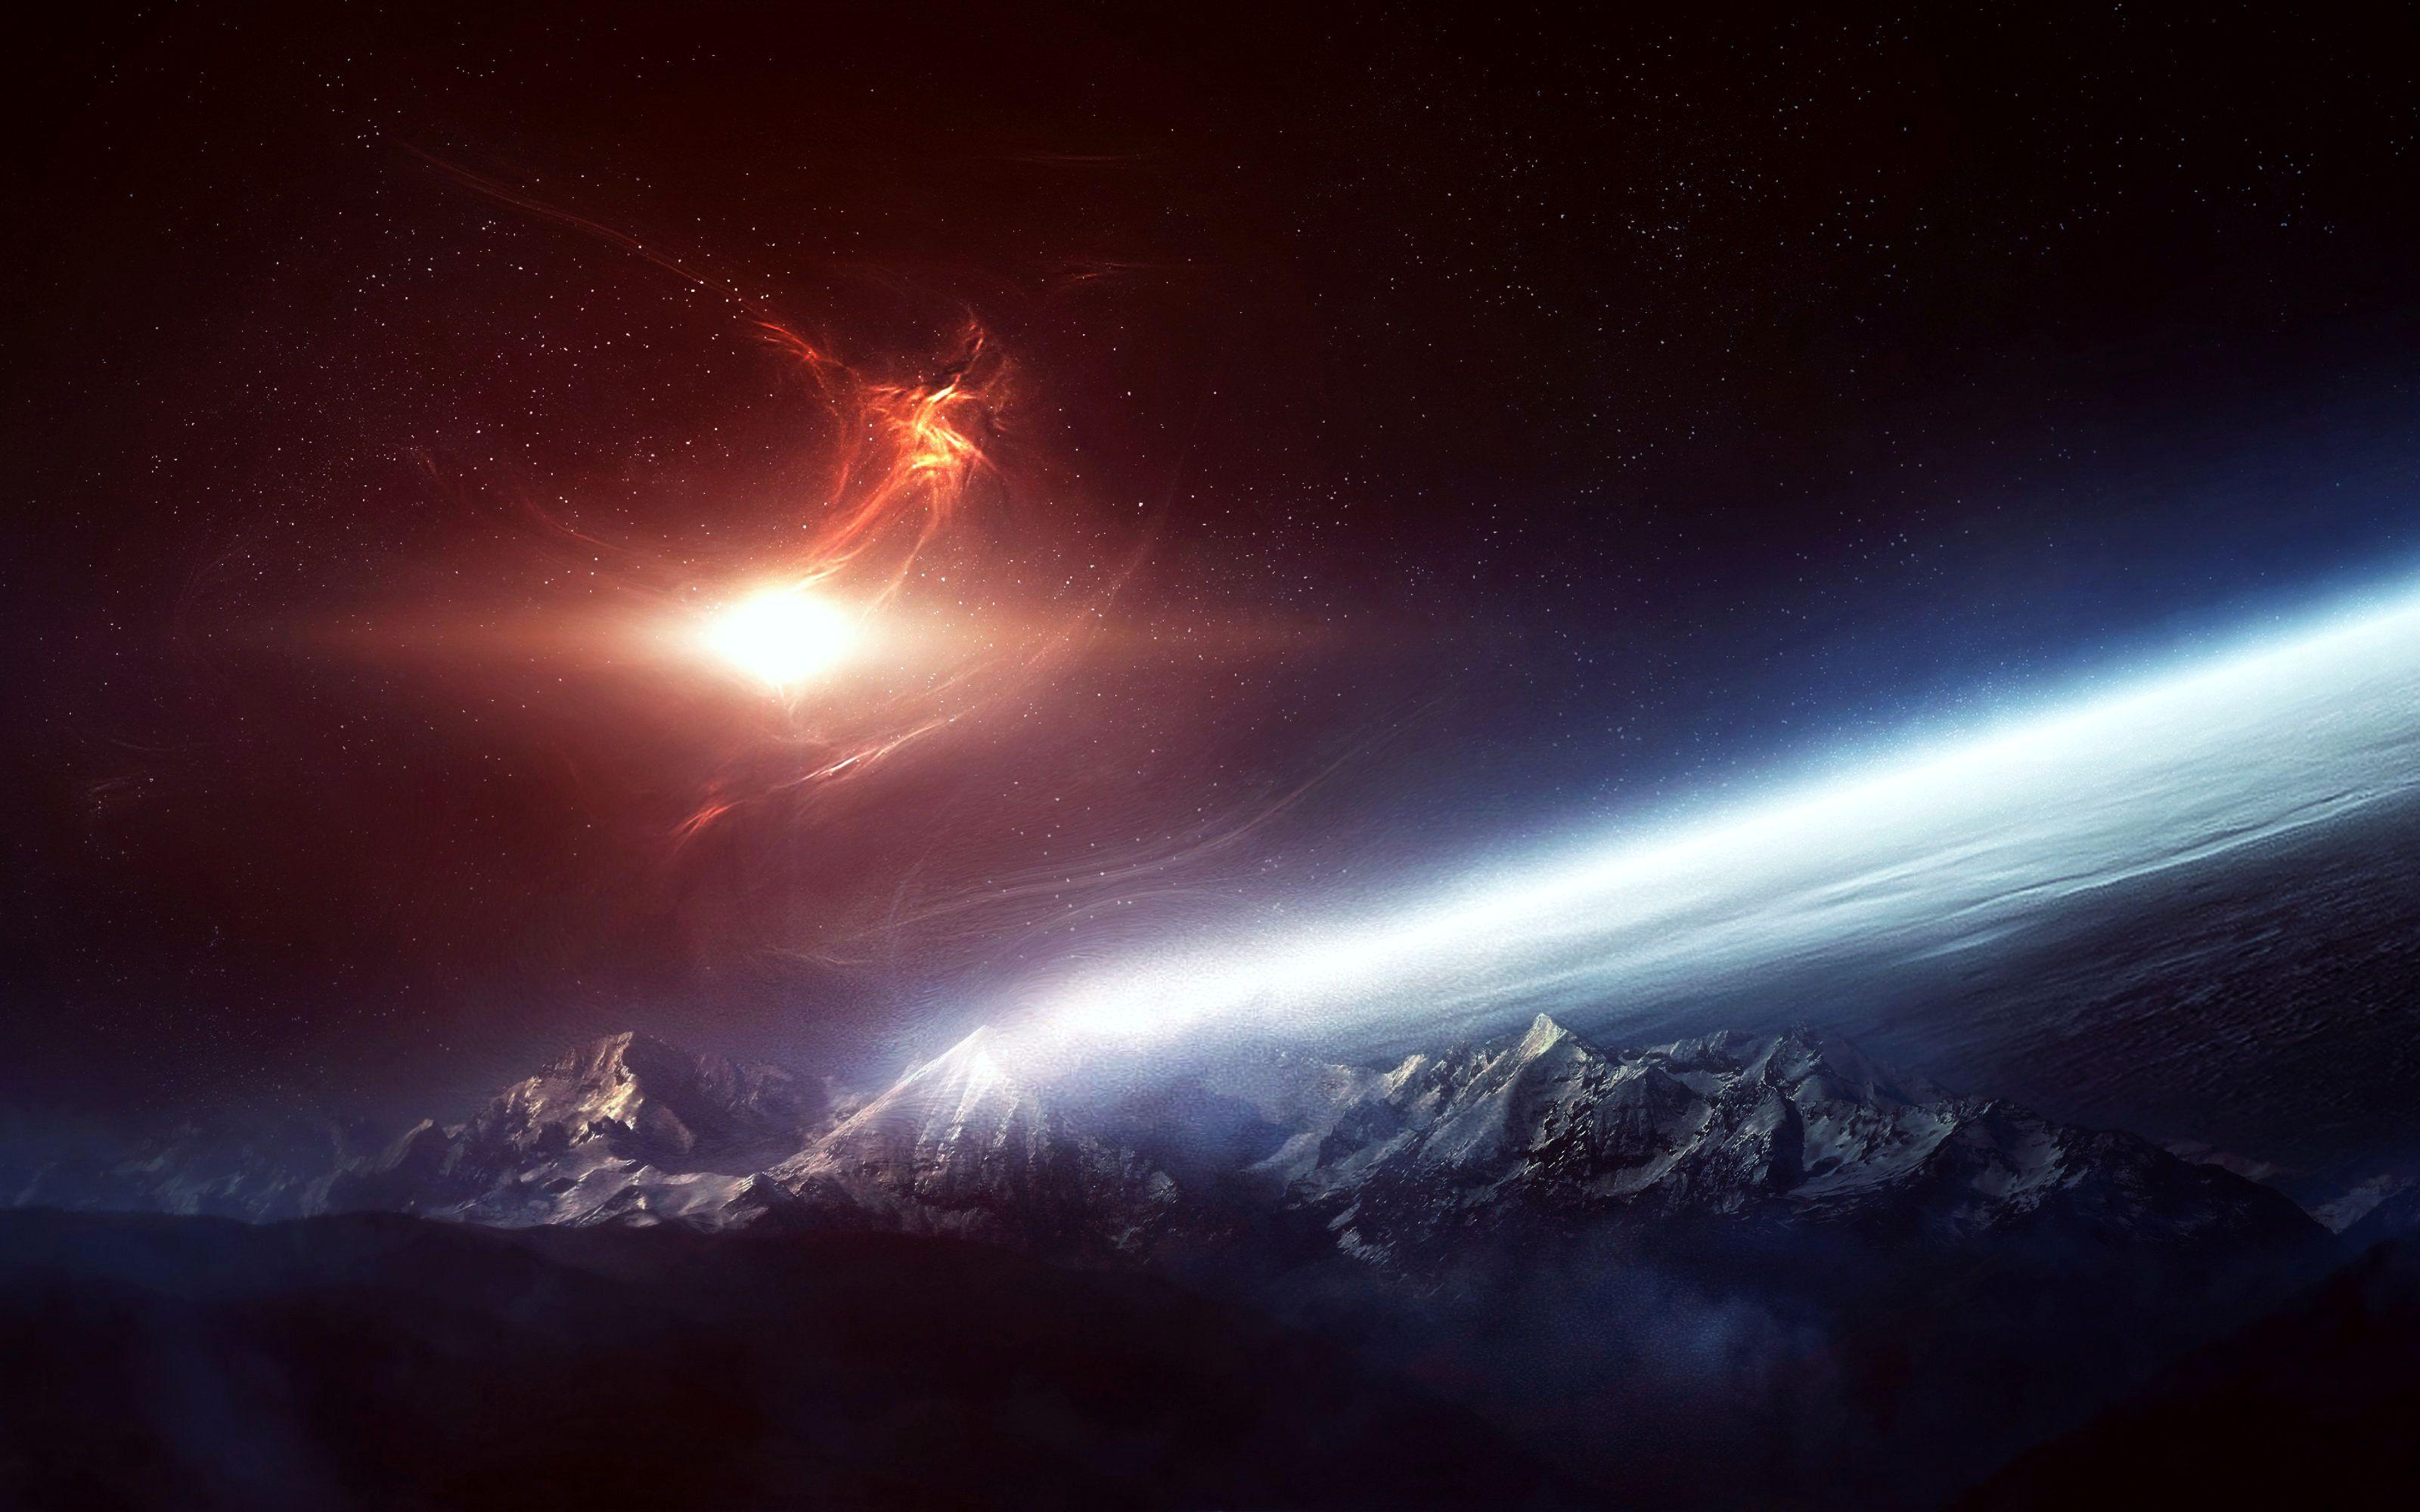 Обои Свечение за планетами картинки на рабочий стол на тему Космос - скачать  № 1772713 загрузить